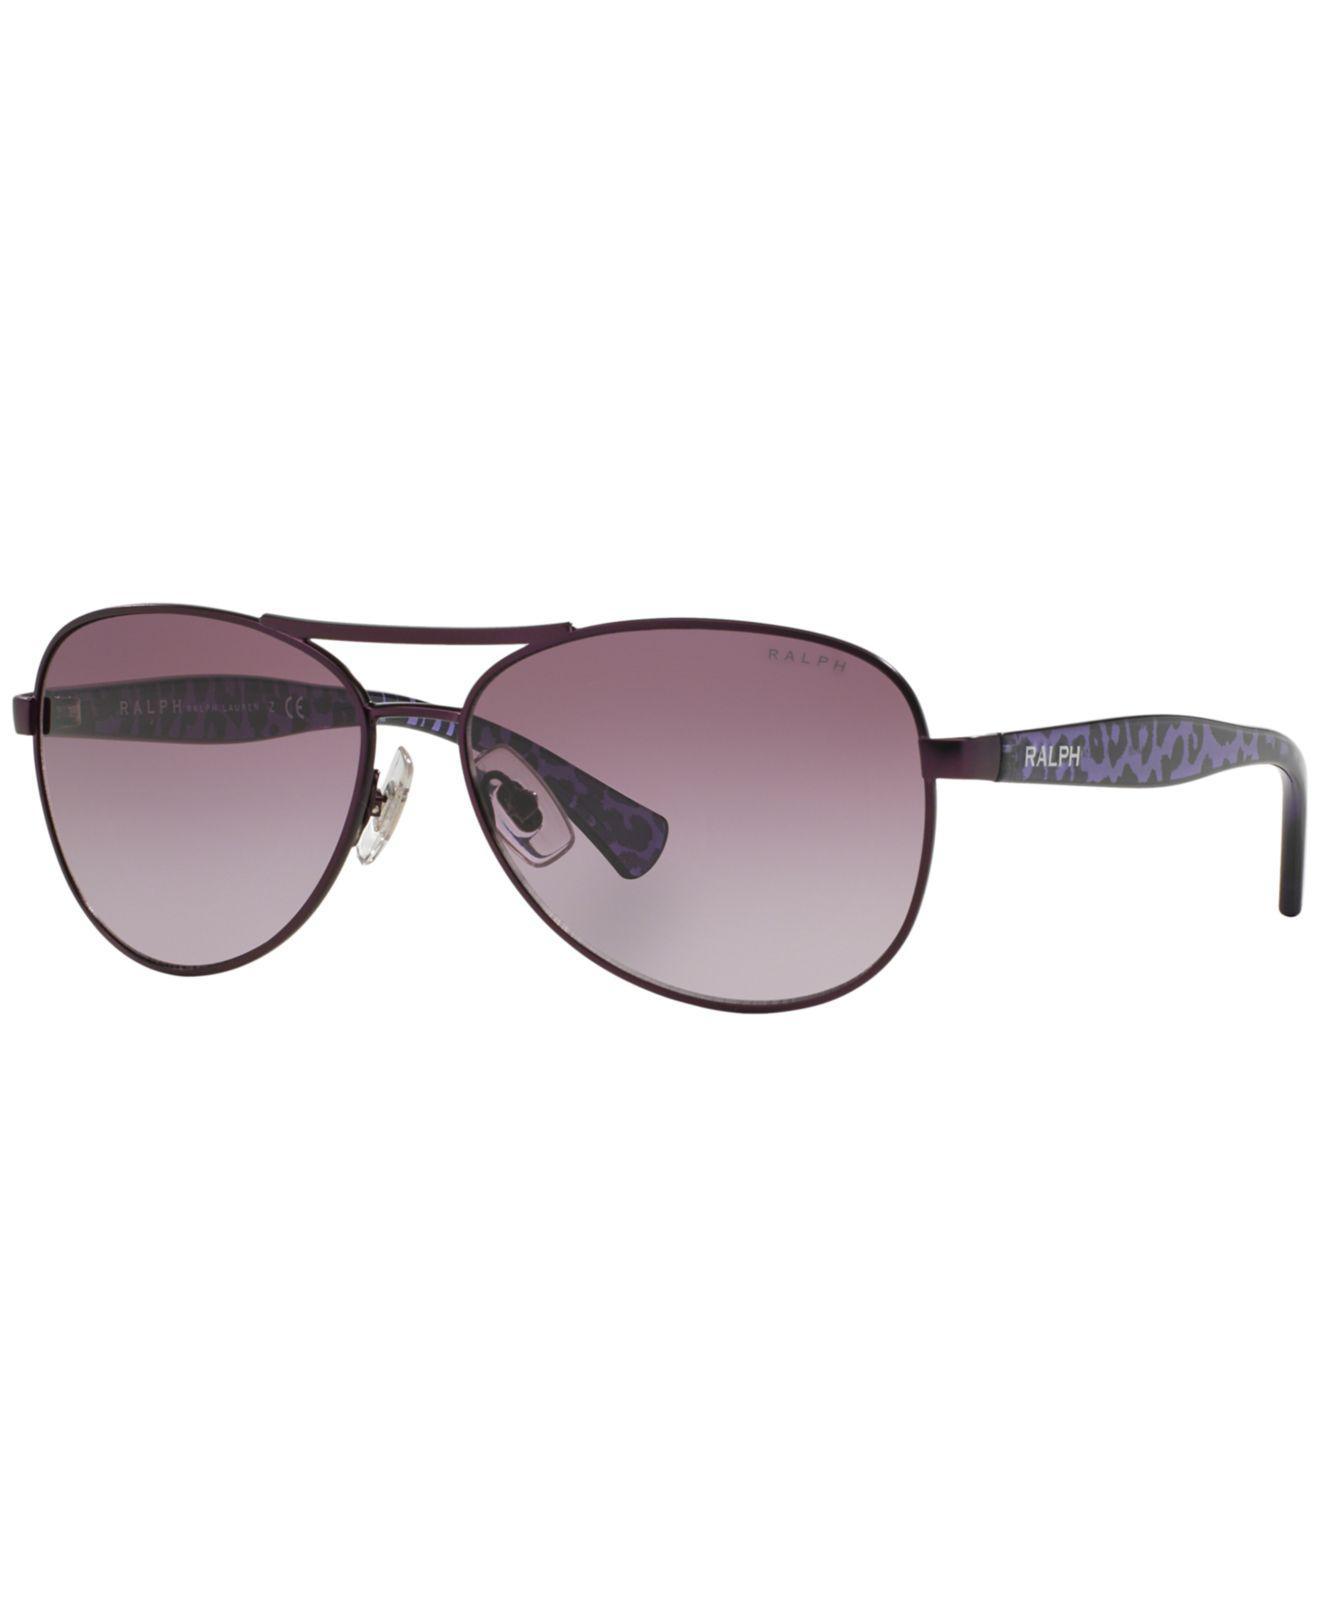 eab8ca7b1e9a Lyst - Giorgio Armani Sunglasses